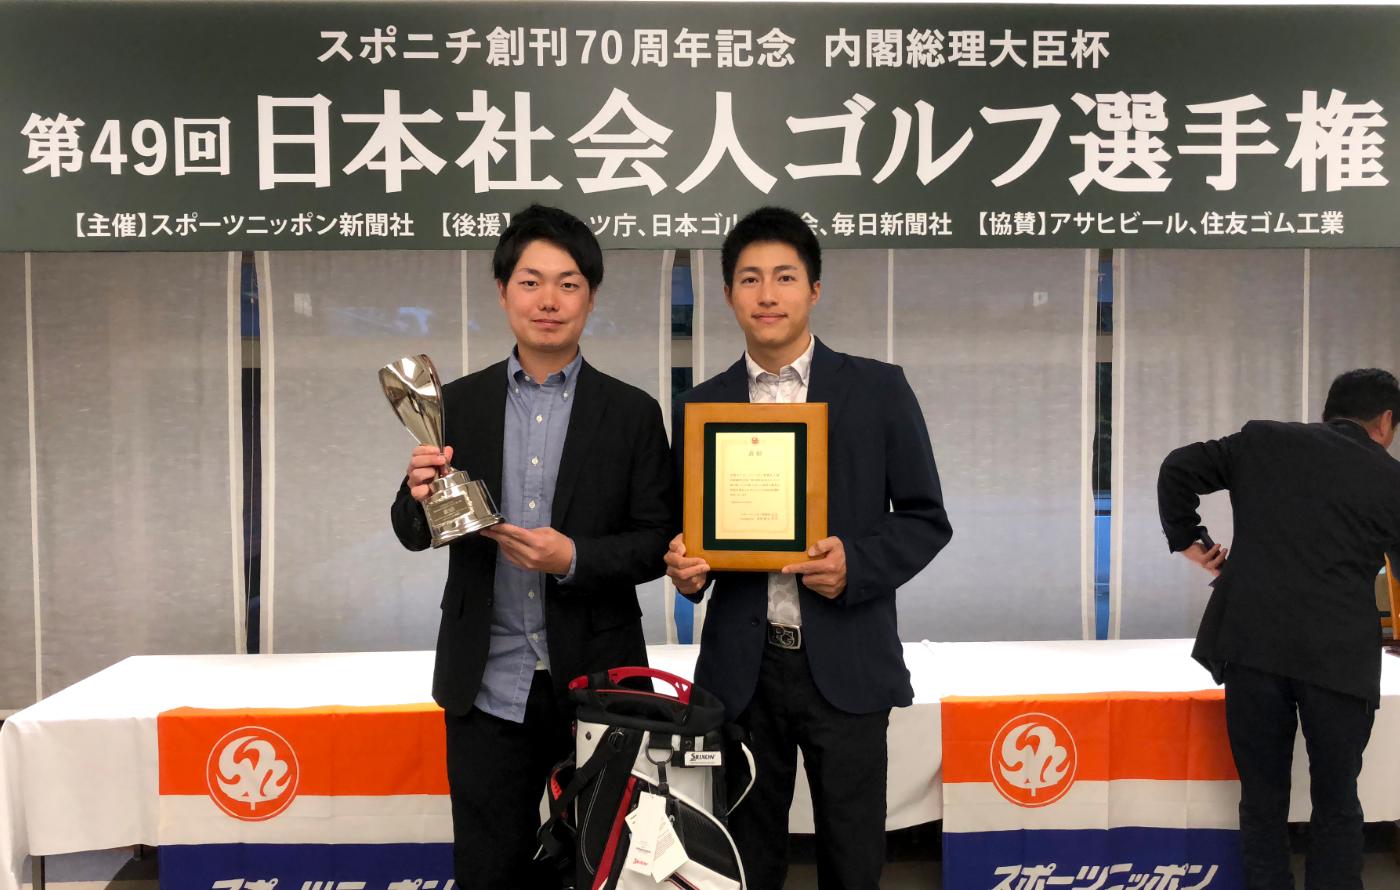 第49回内閣総理大臣杯 日本社会人ゴルフ選手権